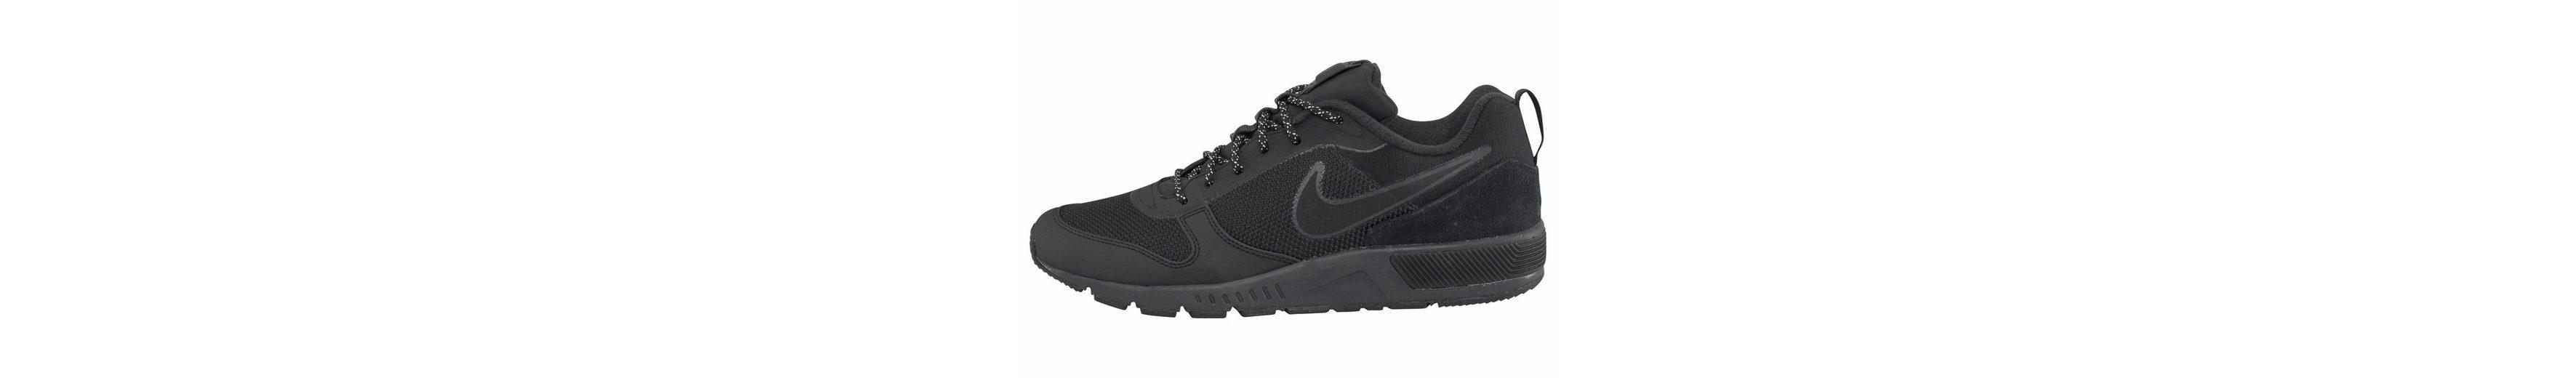 Nike Sportswear Nightgazer Trail Sneaker Preiswerten Nagelneuen Unisex Countdown-Paket Günstig Online 6jNIn9h9